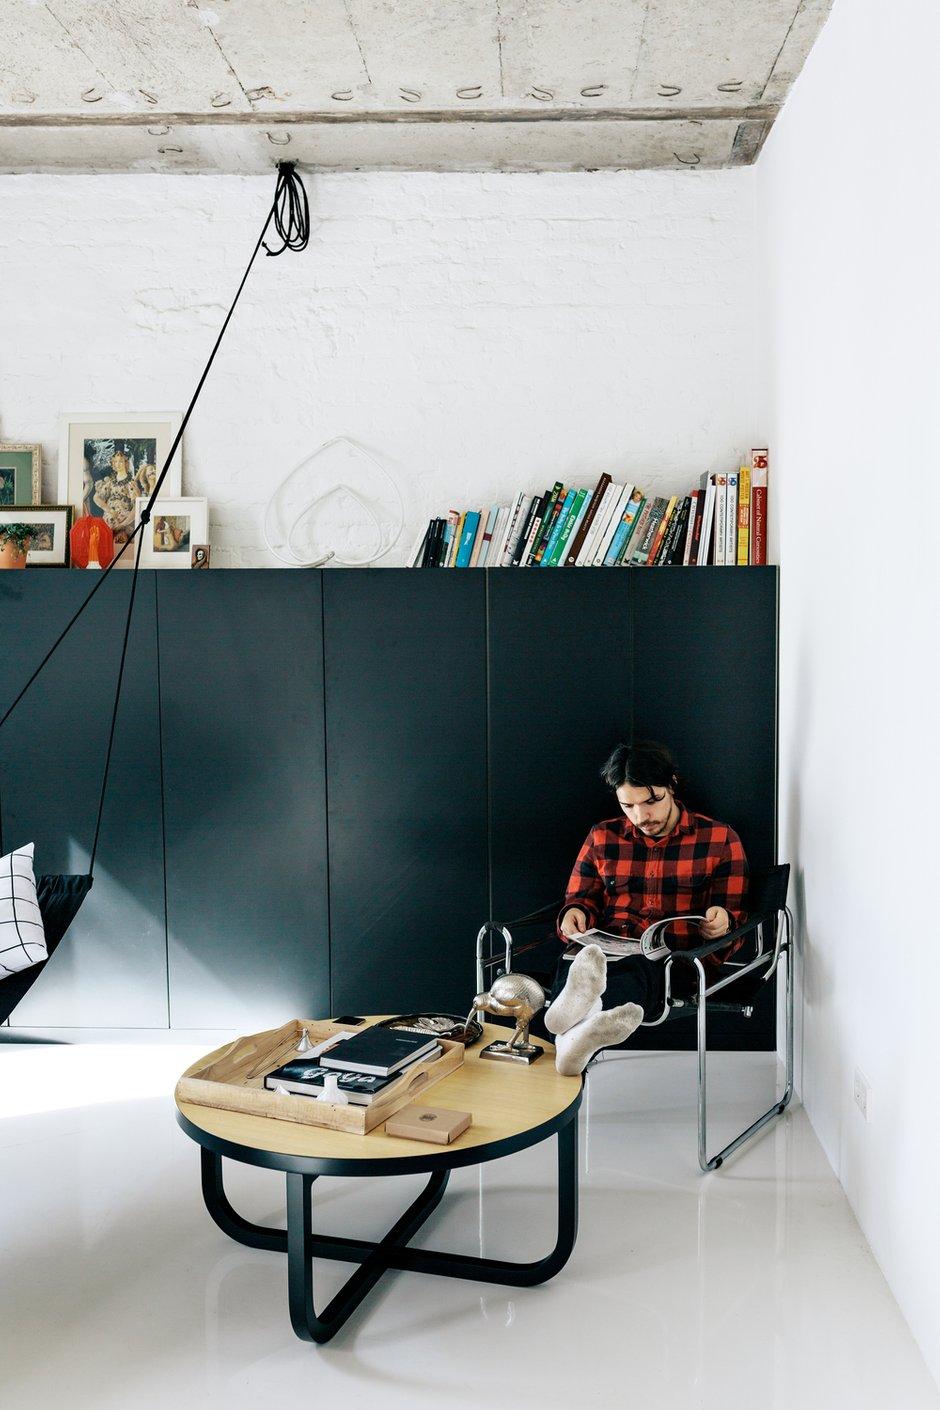 Фотография:  в стиле , Лофт, Квартира, Студия, Проект недели, Москва, как оформить студию, Гарри Нуриев, Дмитрий Воронцов, Crosby Studios, перепланировка студии, Little Greenе, Rotating Sconce, Кирпичный дом, 40-60 метров – фото на INMYROOM